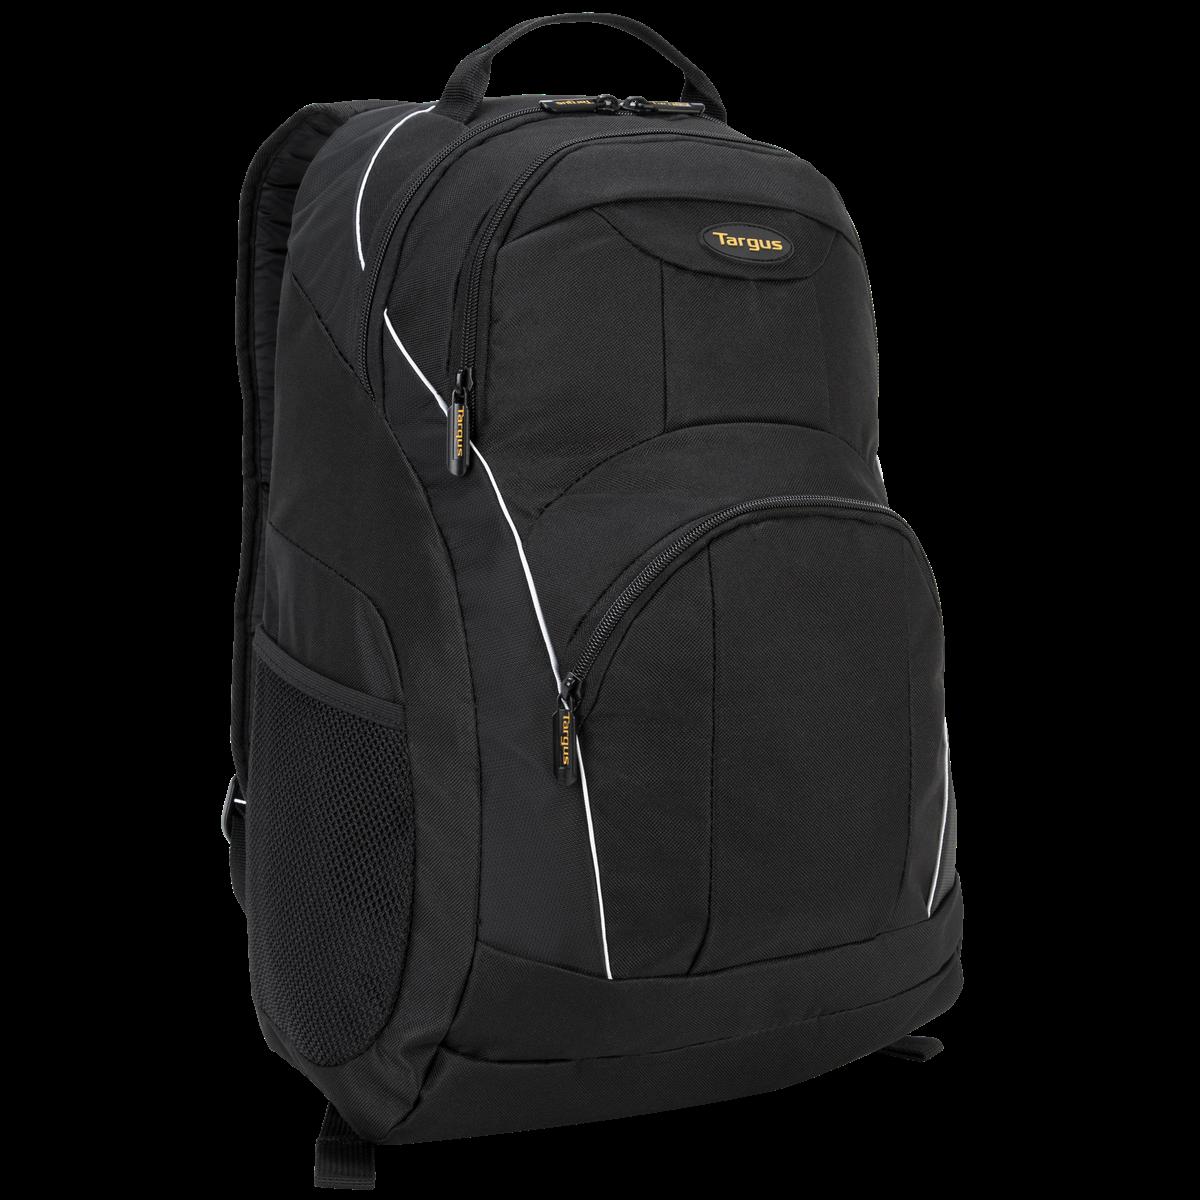 """16"""" Motor Laptop Backpack - TSB194US - Black: Backpacks: Targus"""